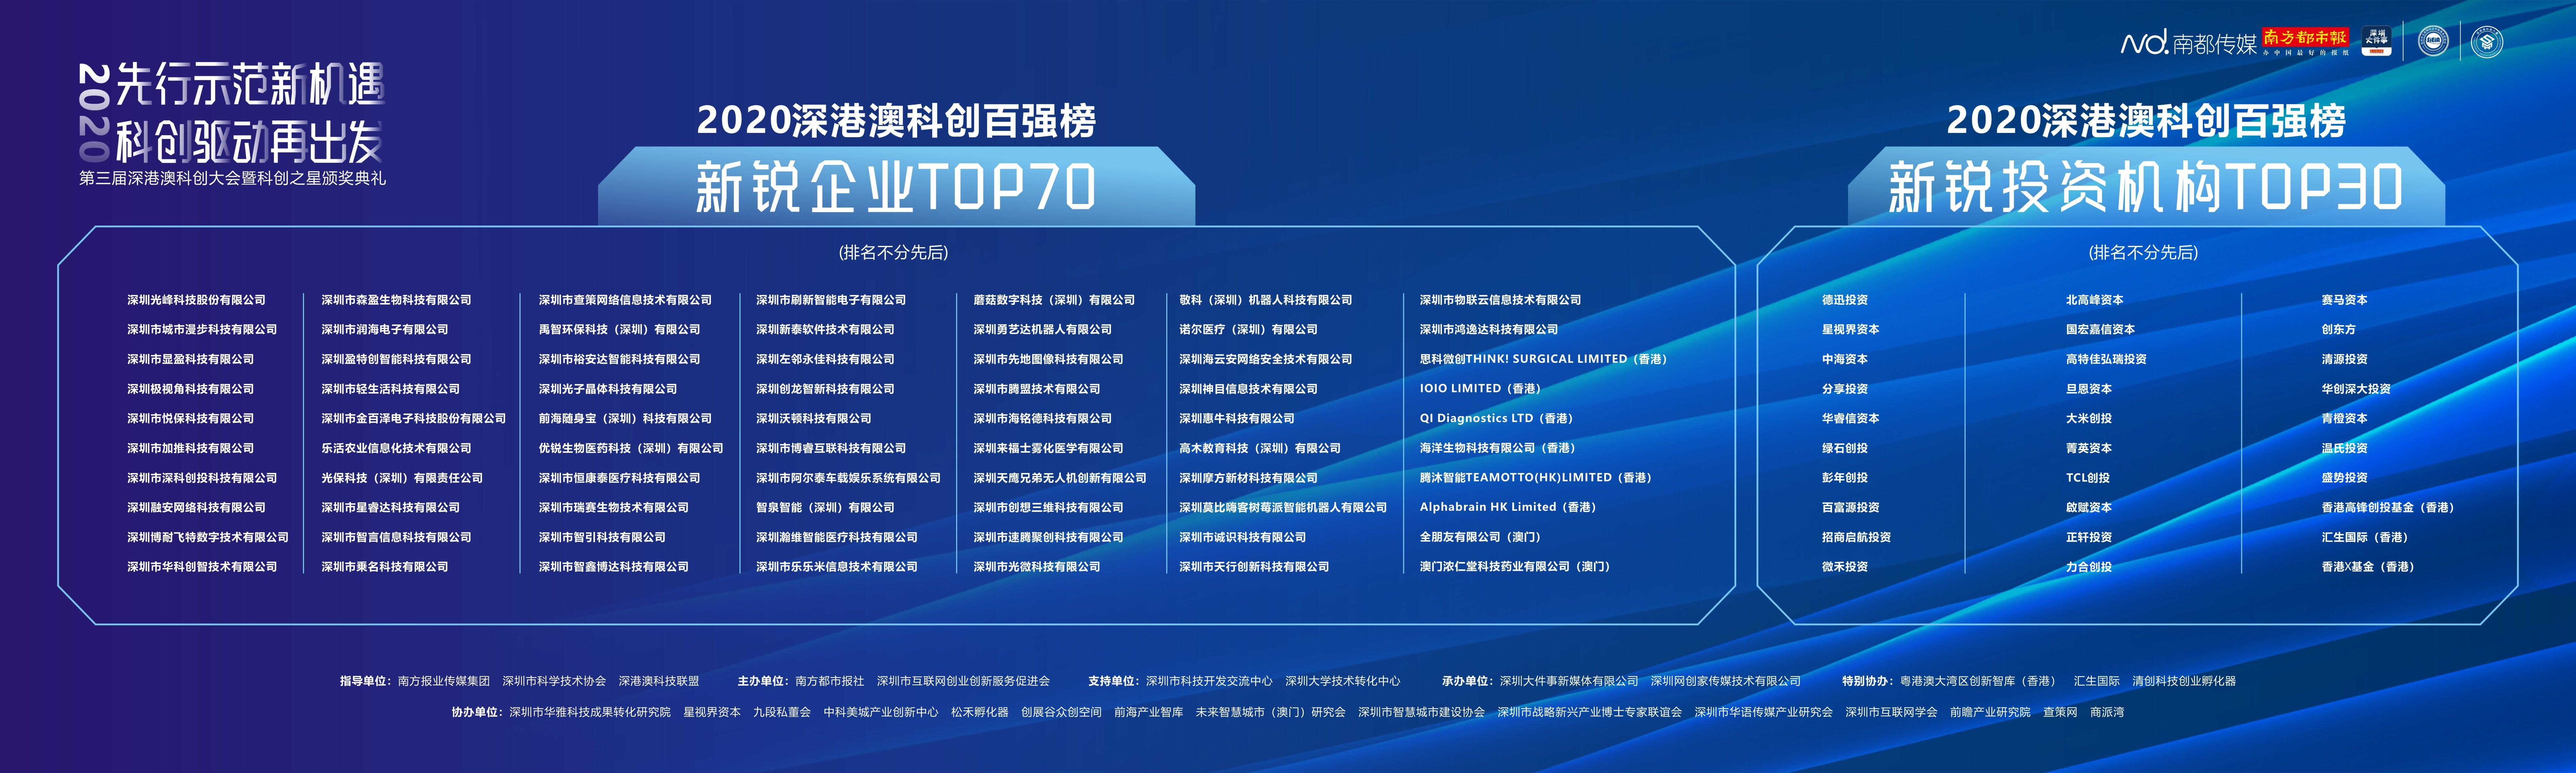 2020深港澳科创百强榜单.jpg